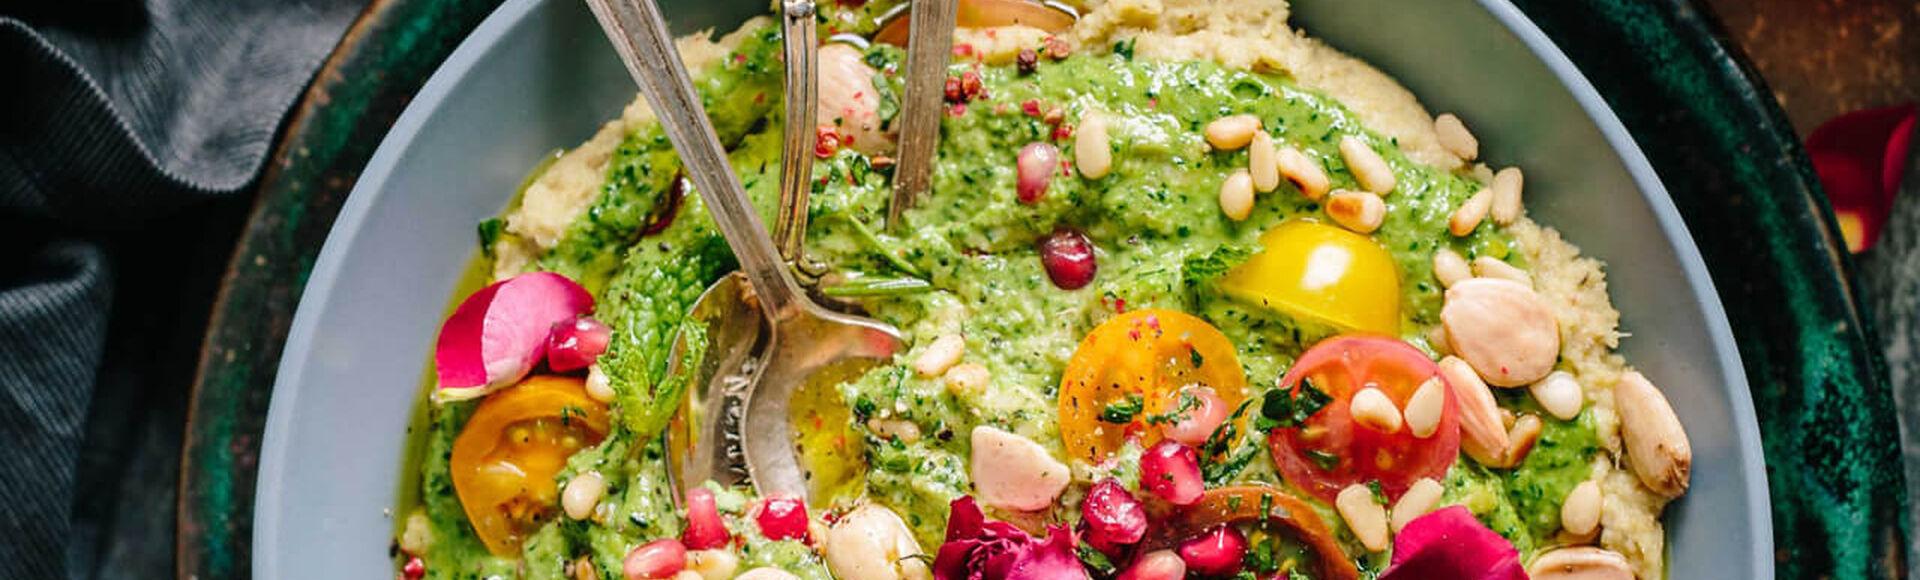 Dieta para grávidas vegetarianas